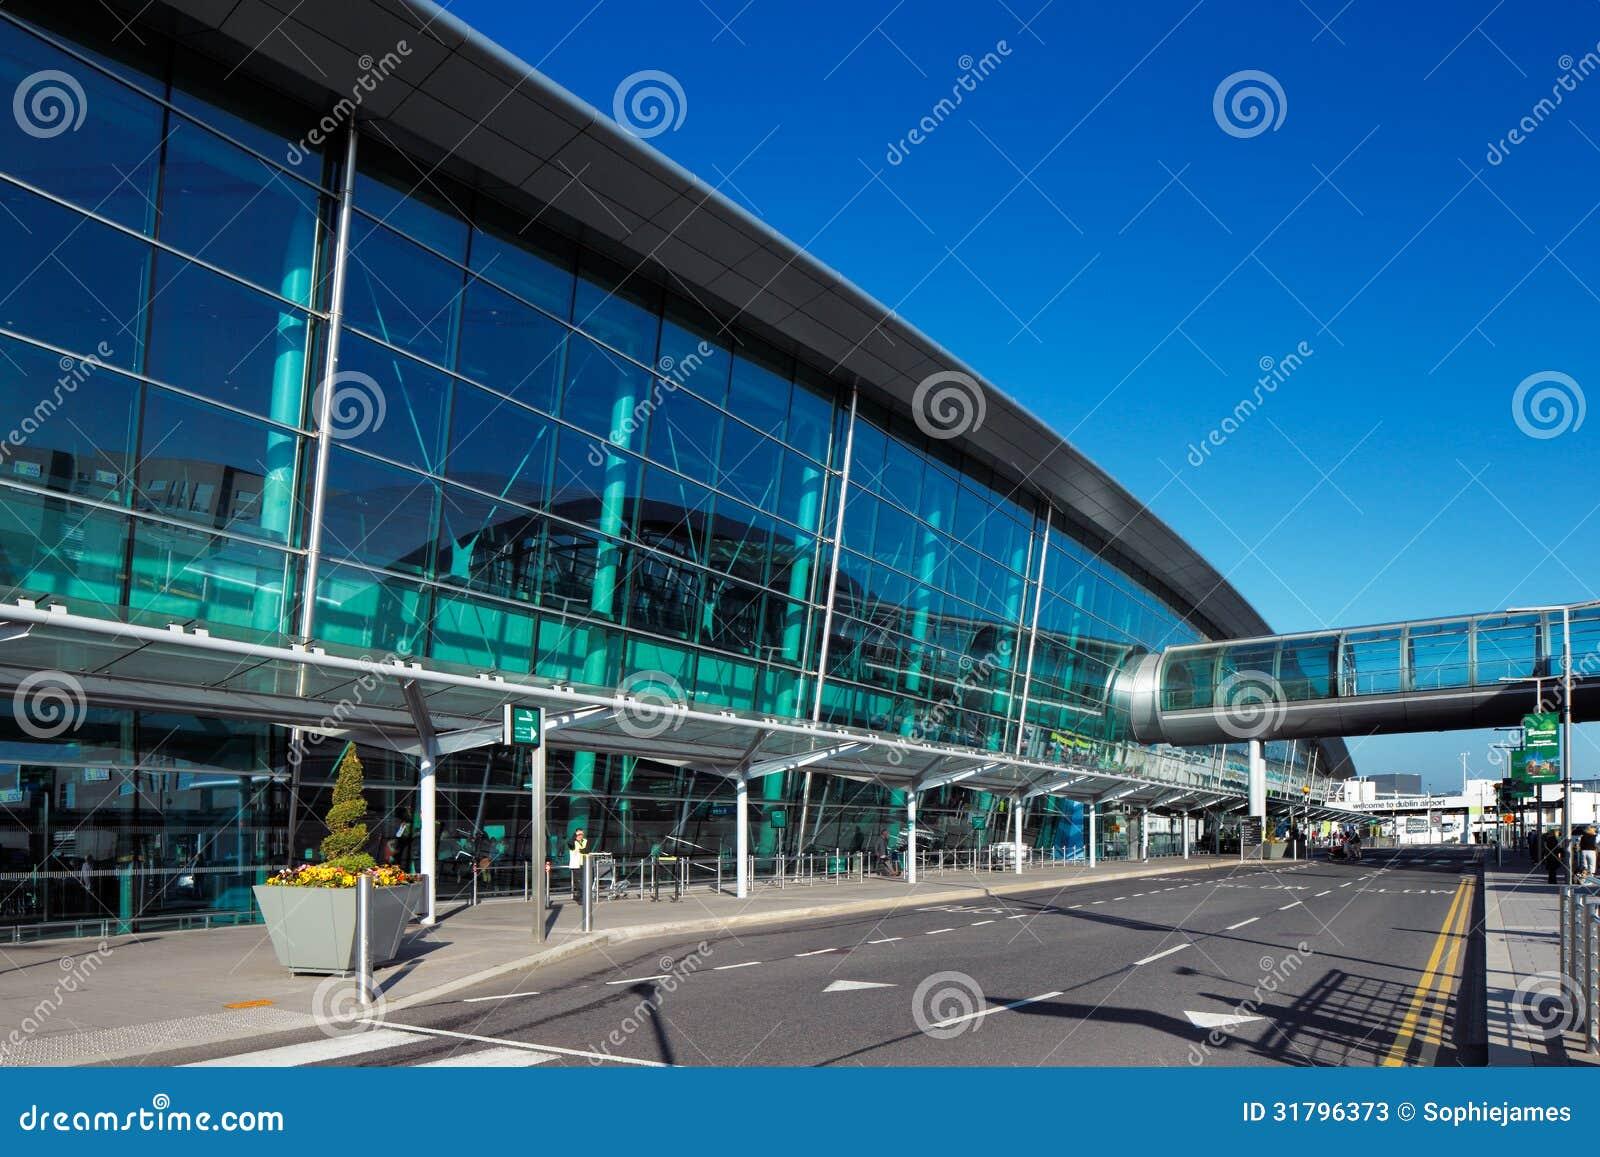 终端2,都伯林机场,爱尔兰在2010年11月打开了